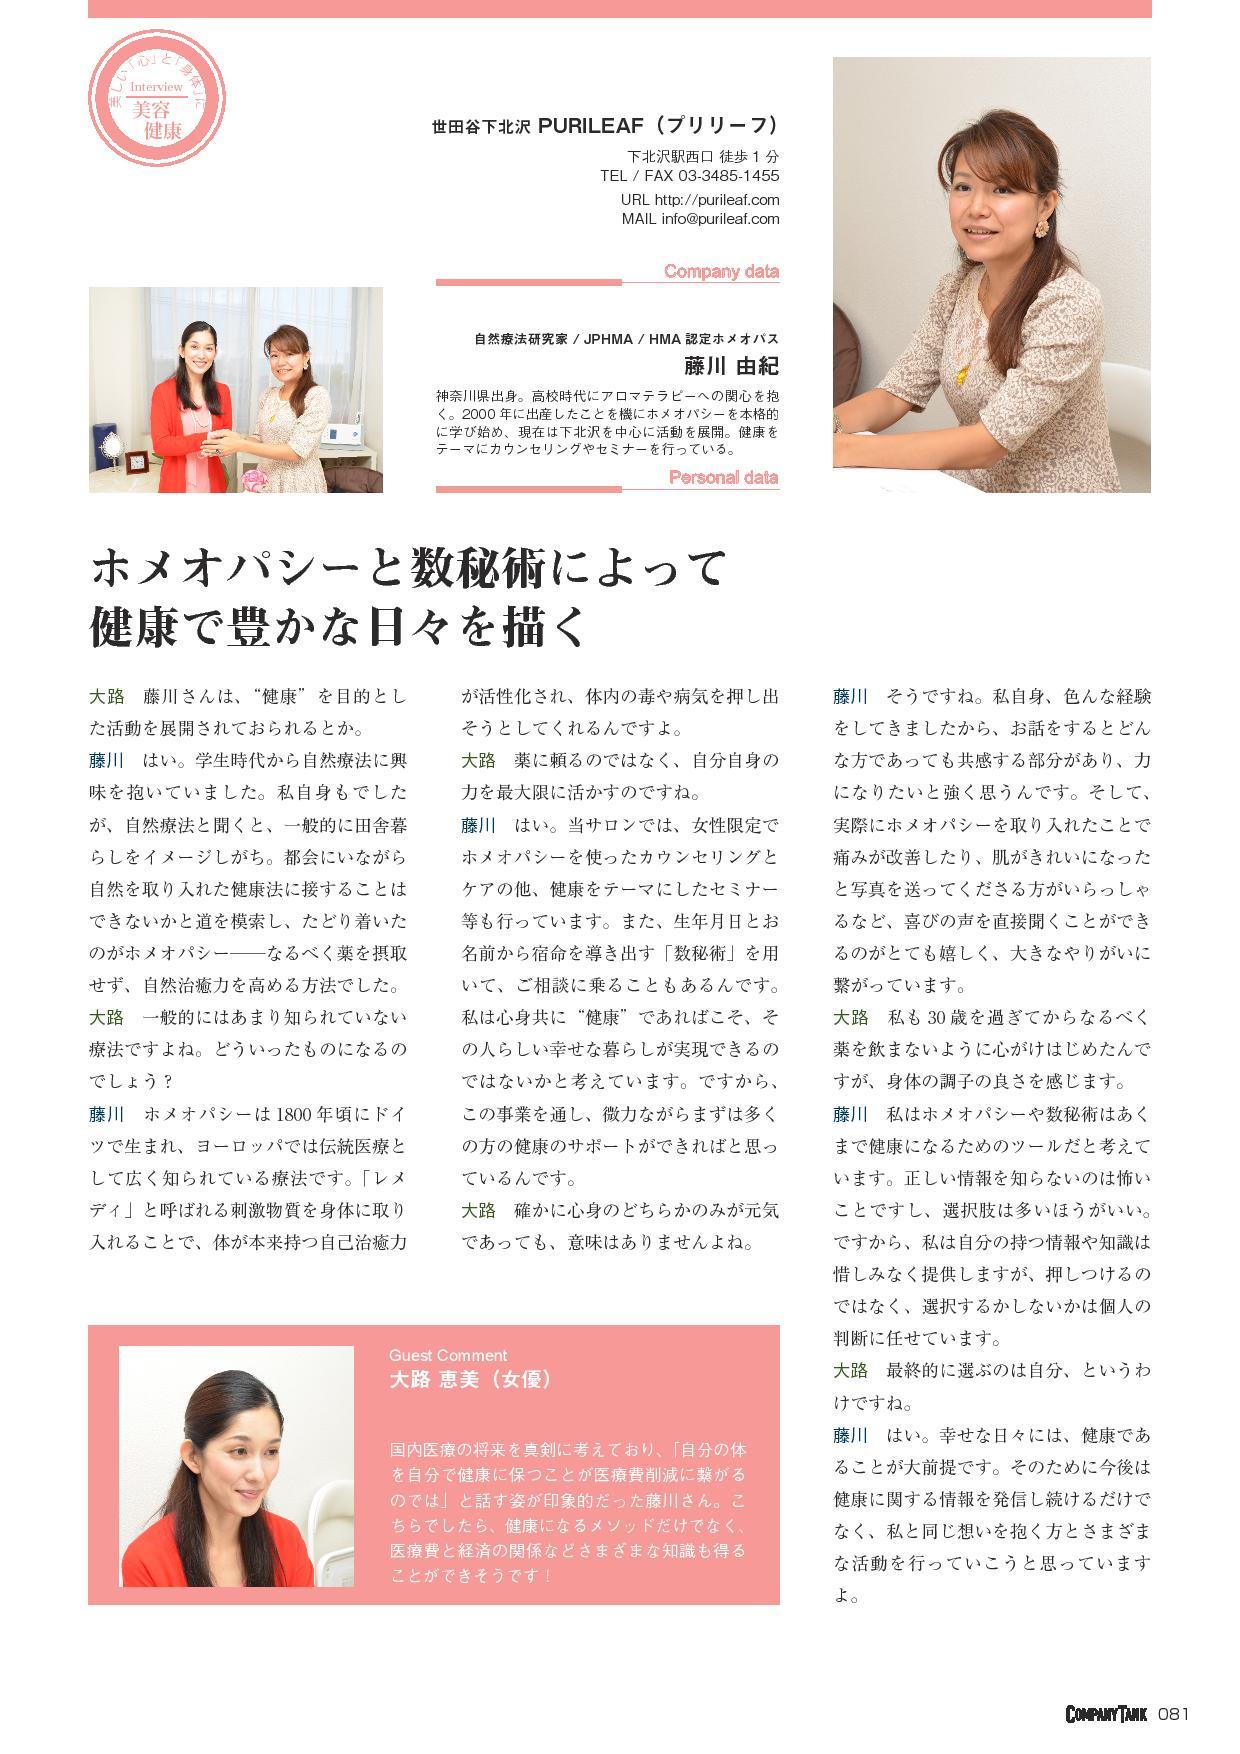 moblog_d0f532d1.jpg